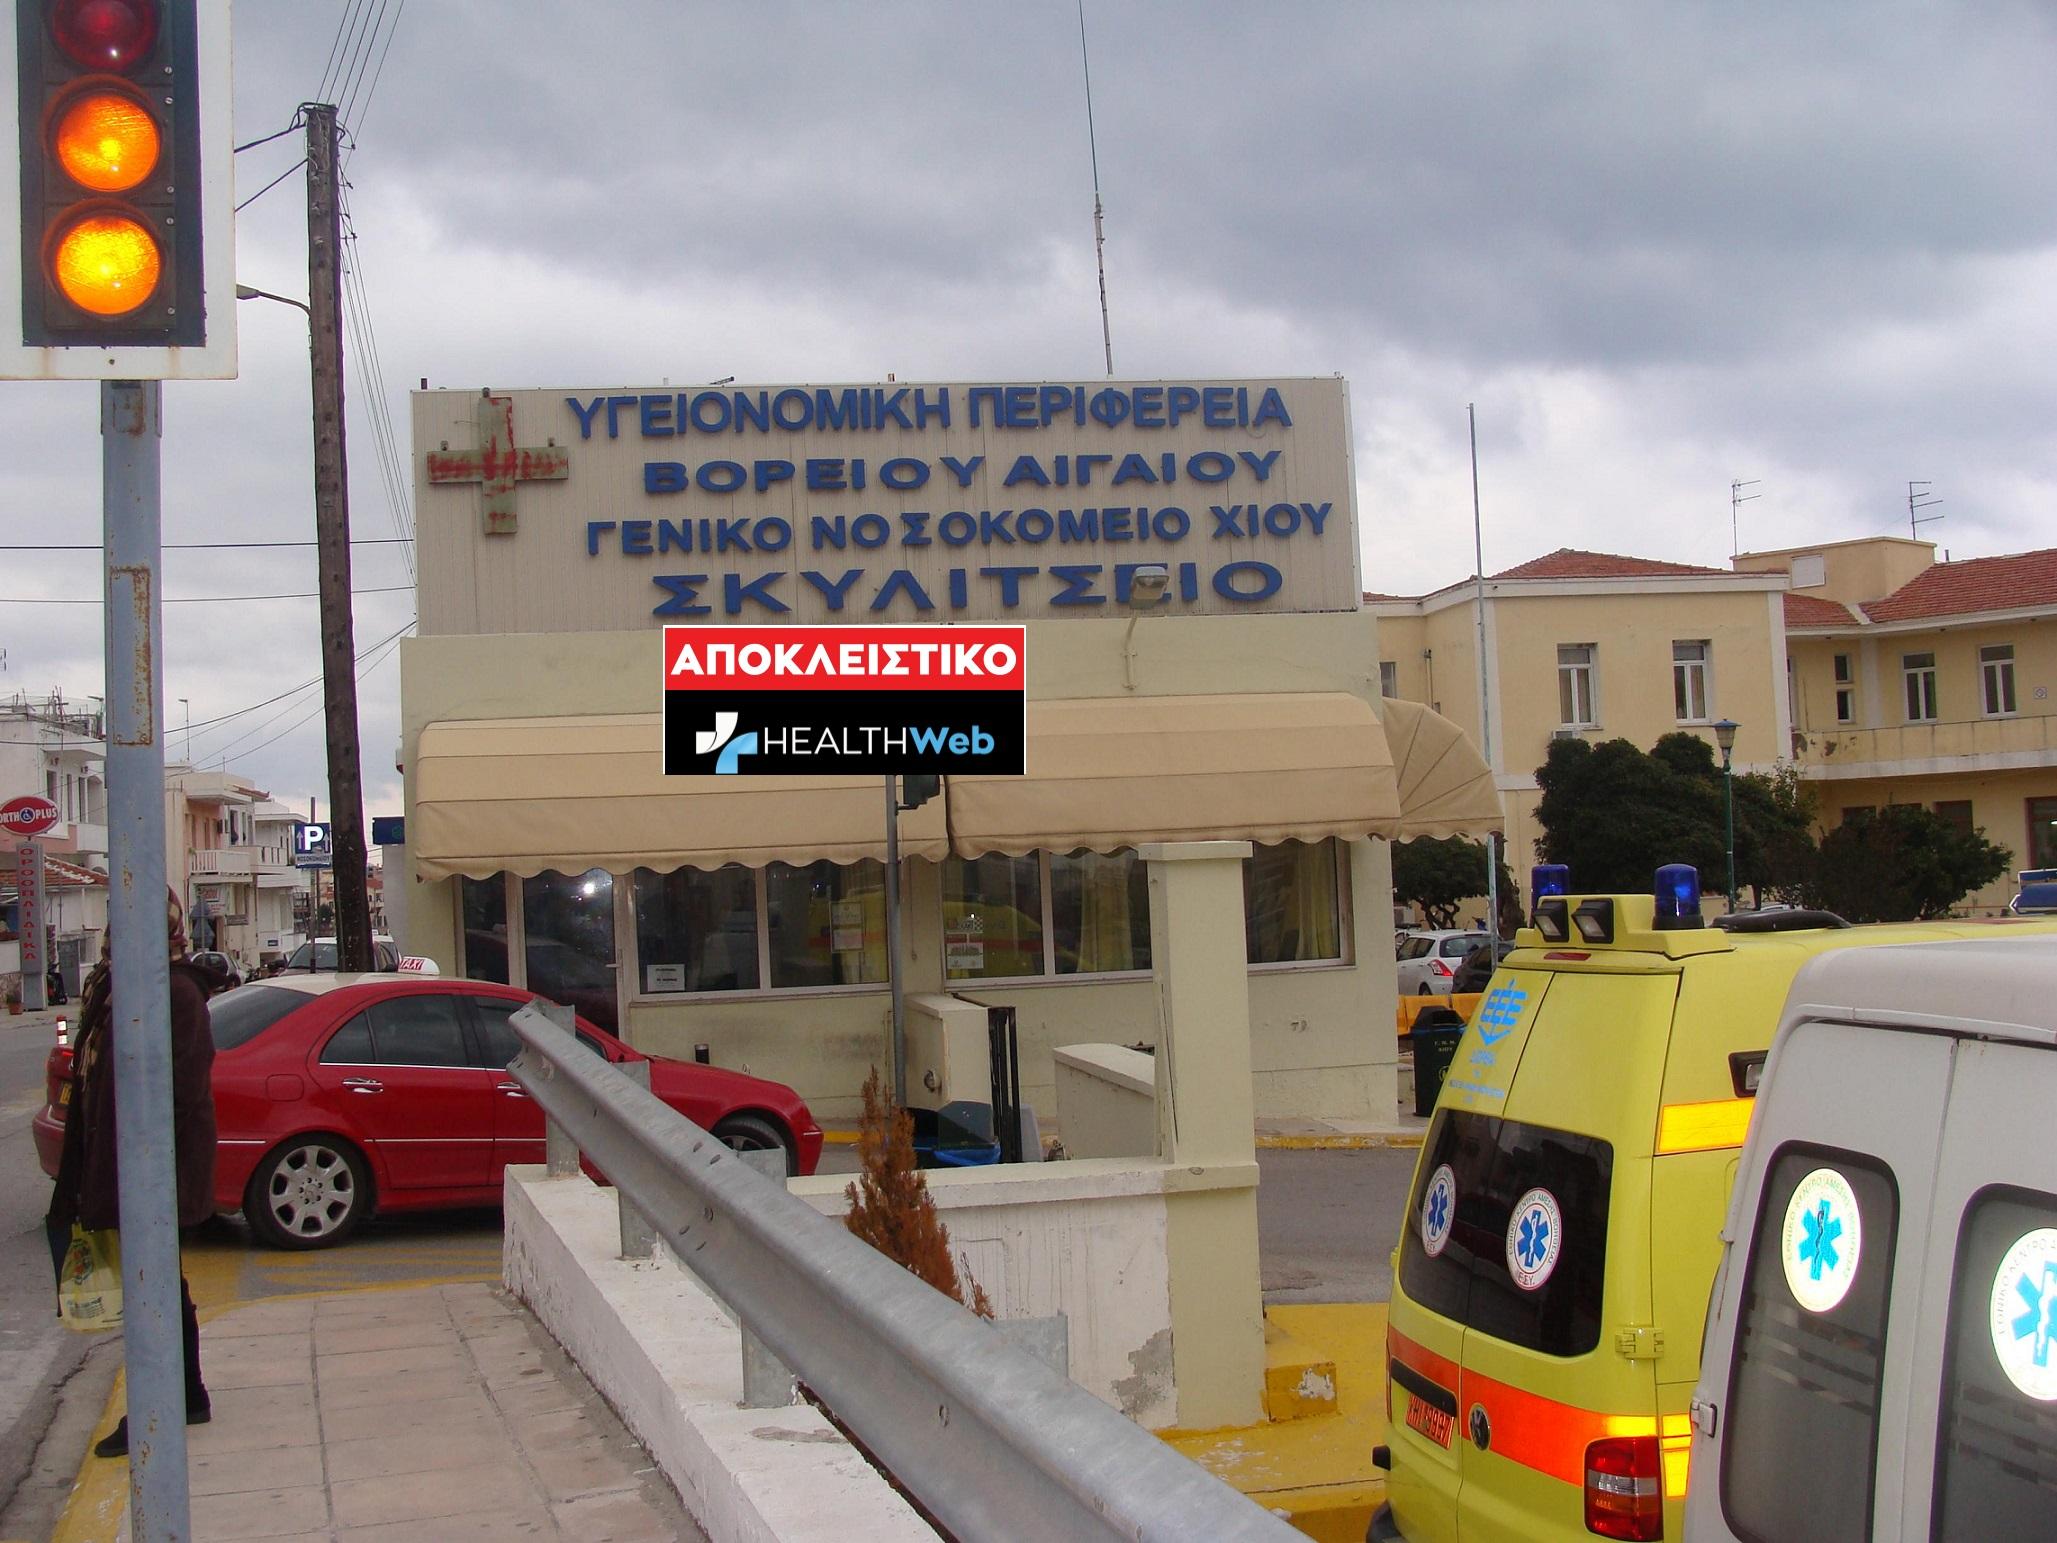 Ο διοικητής του Γ.Νοσοκομείου Χίου απαντάει σε ρεπορτάζ του www.Healthweb.gr